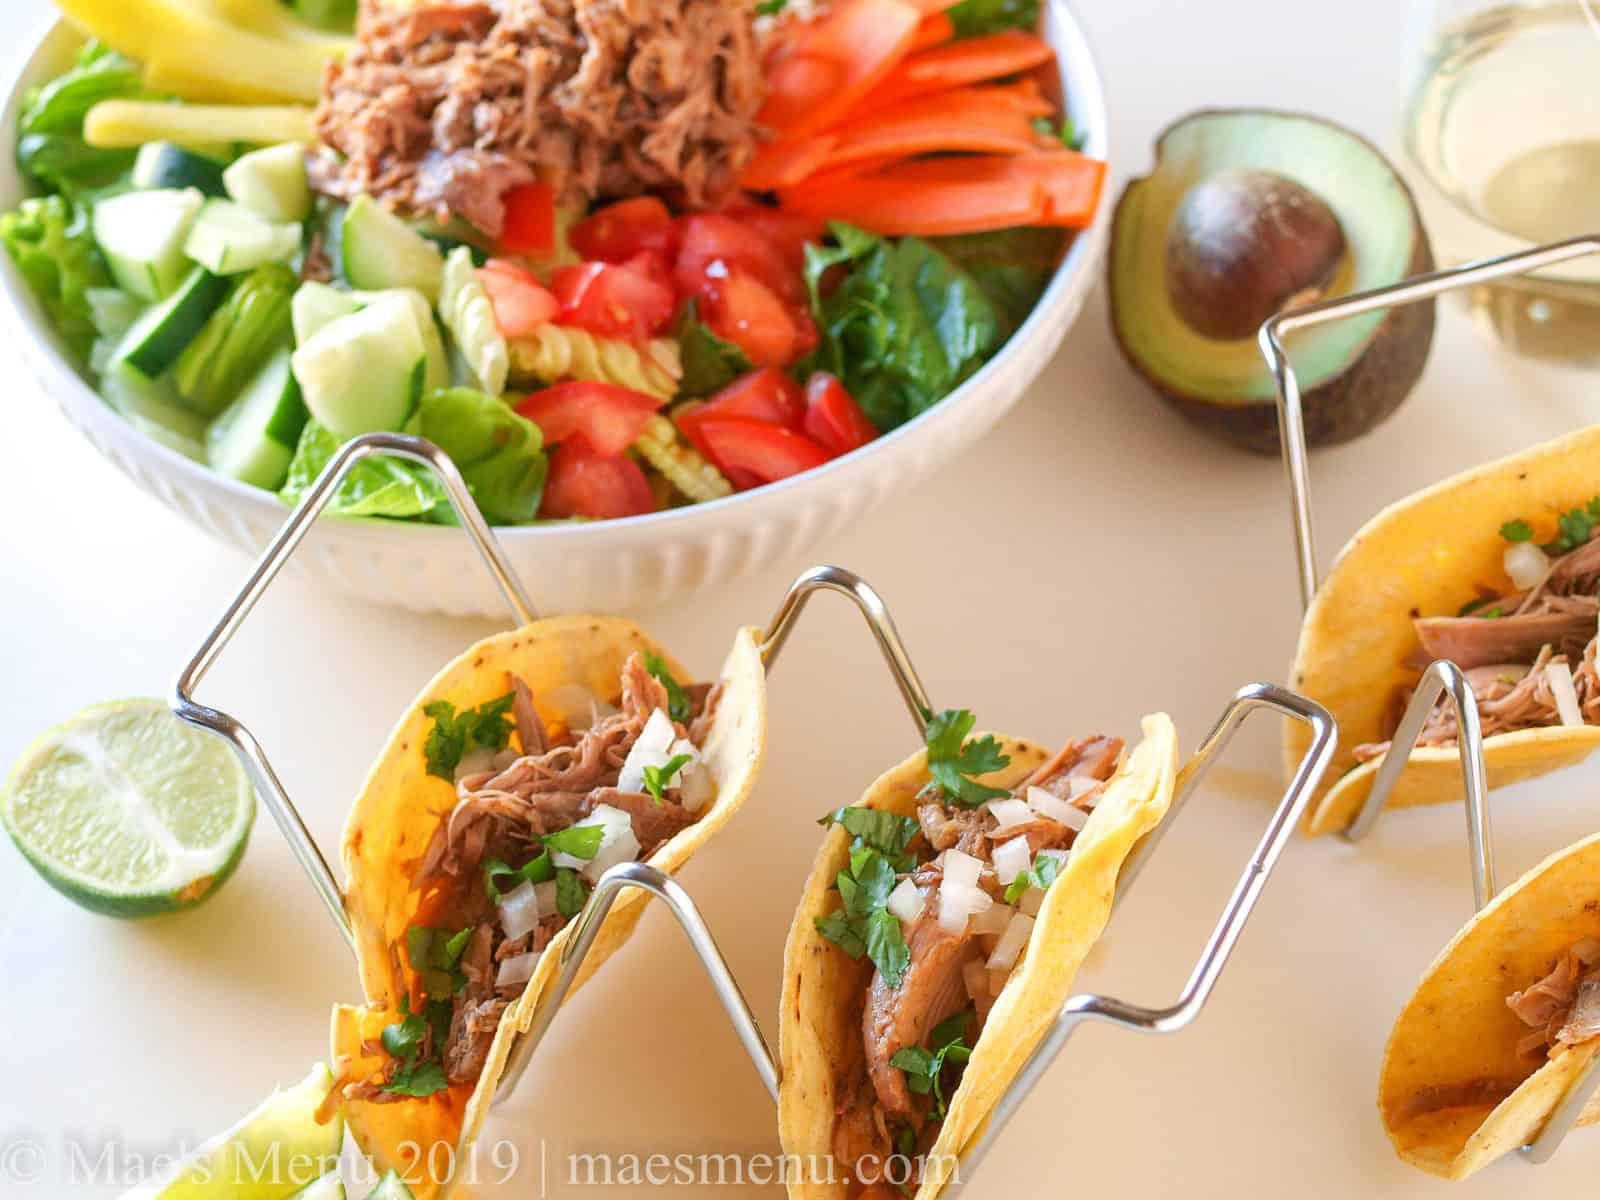 Turkey carnitas tacos and burrito bowls.